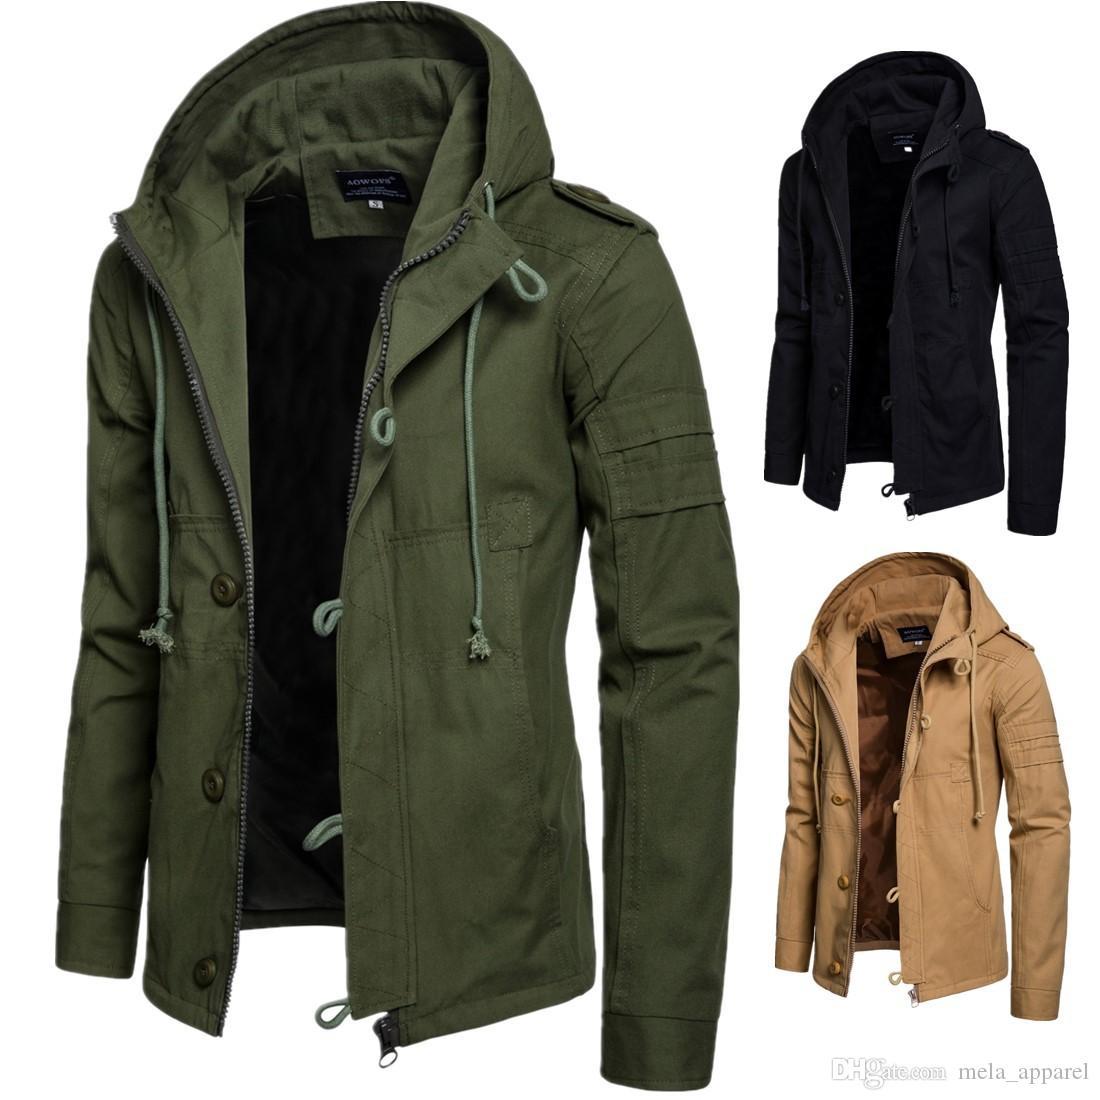 Осень Зима Zipper Solid Color Куртка с капюшоном Повседневная ветровка Мужчины Мужчины высокого качества Cardigans Outwear 3XL